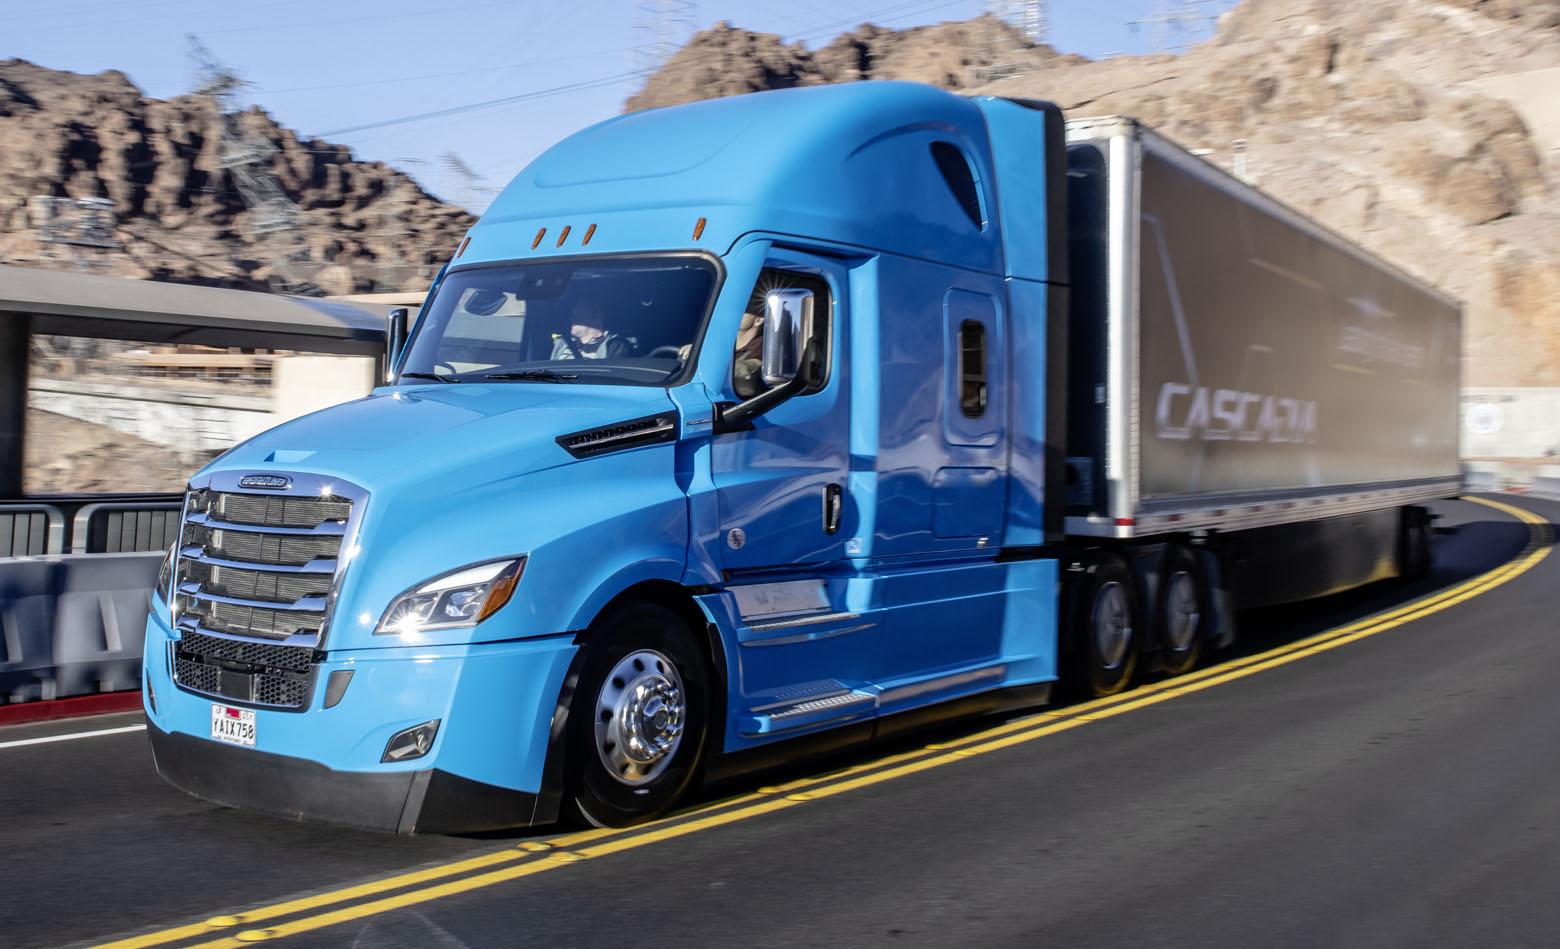 Prvi serijski kamion s mogućnošću djelomično autonomne vožnje